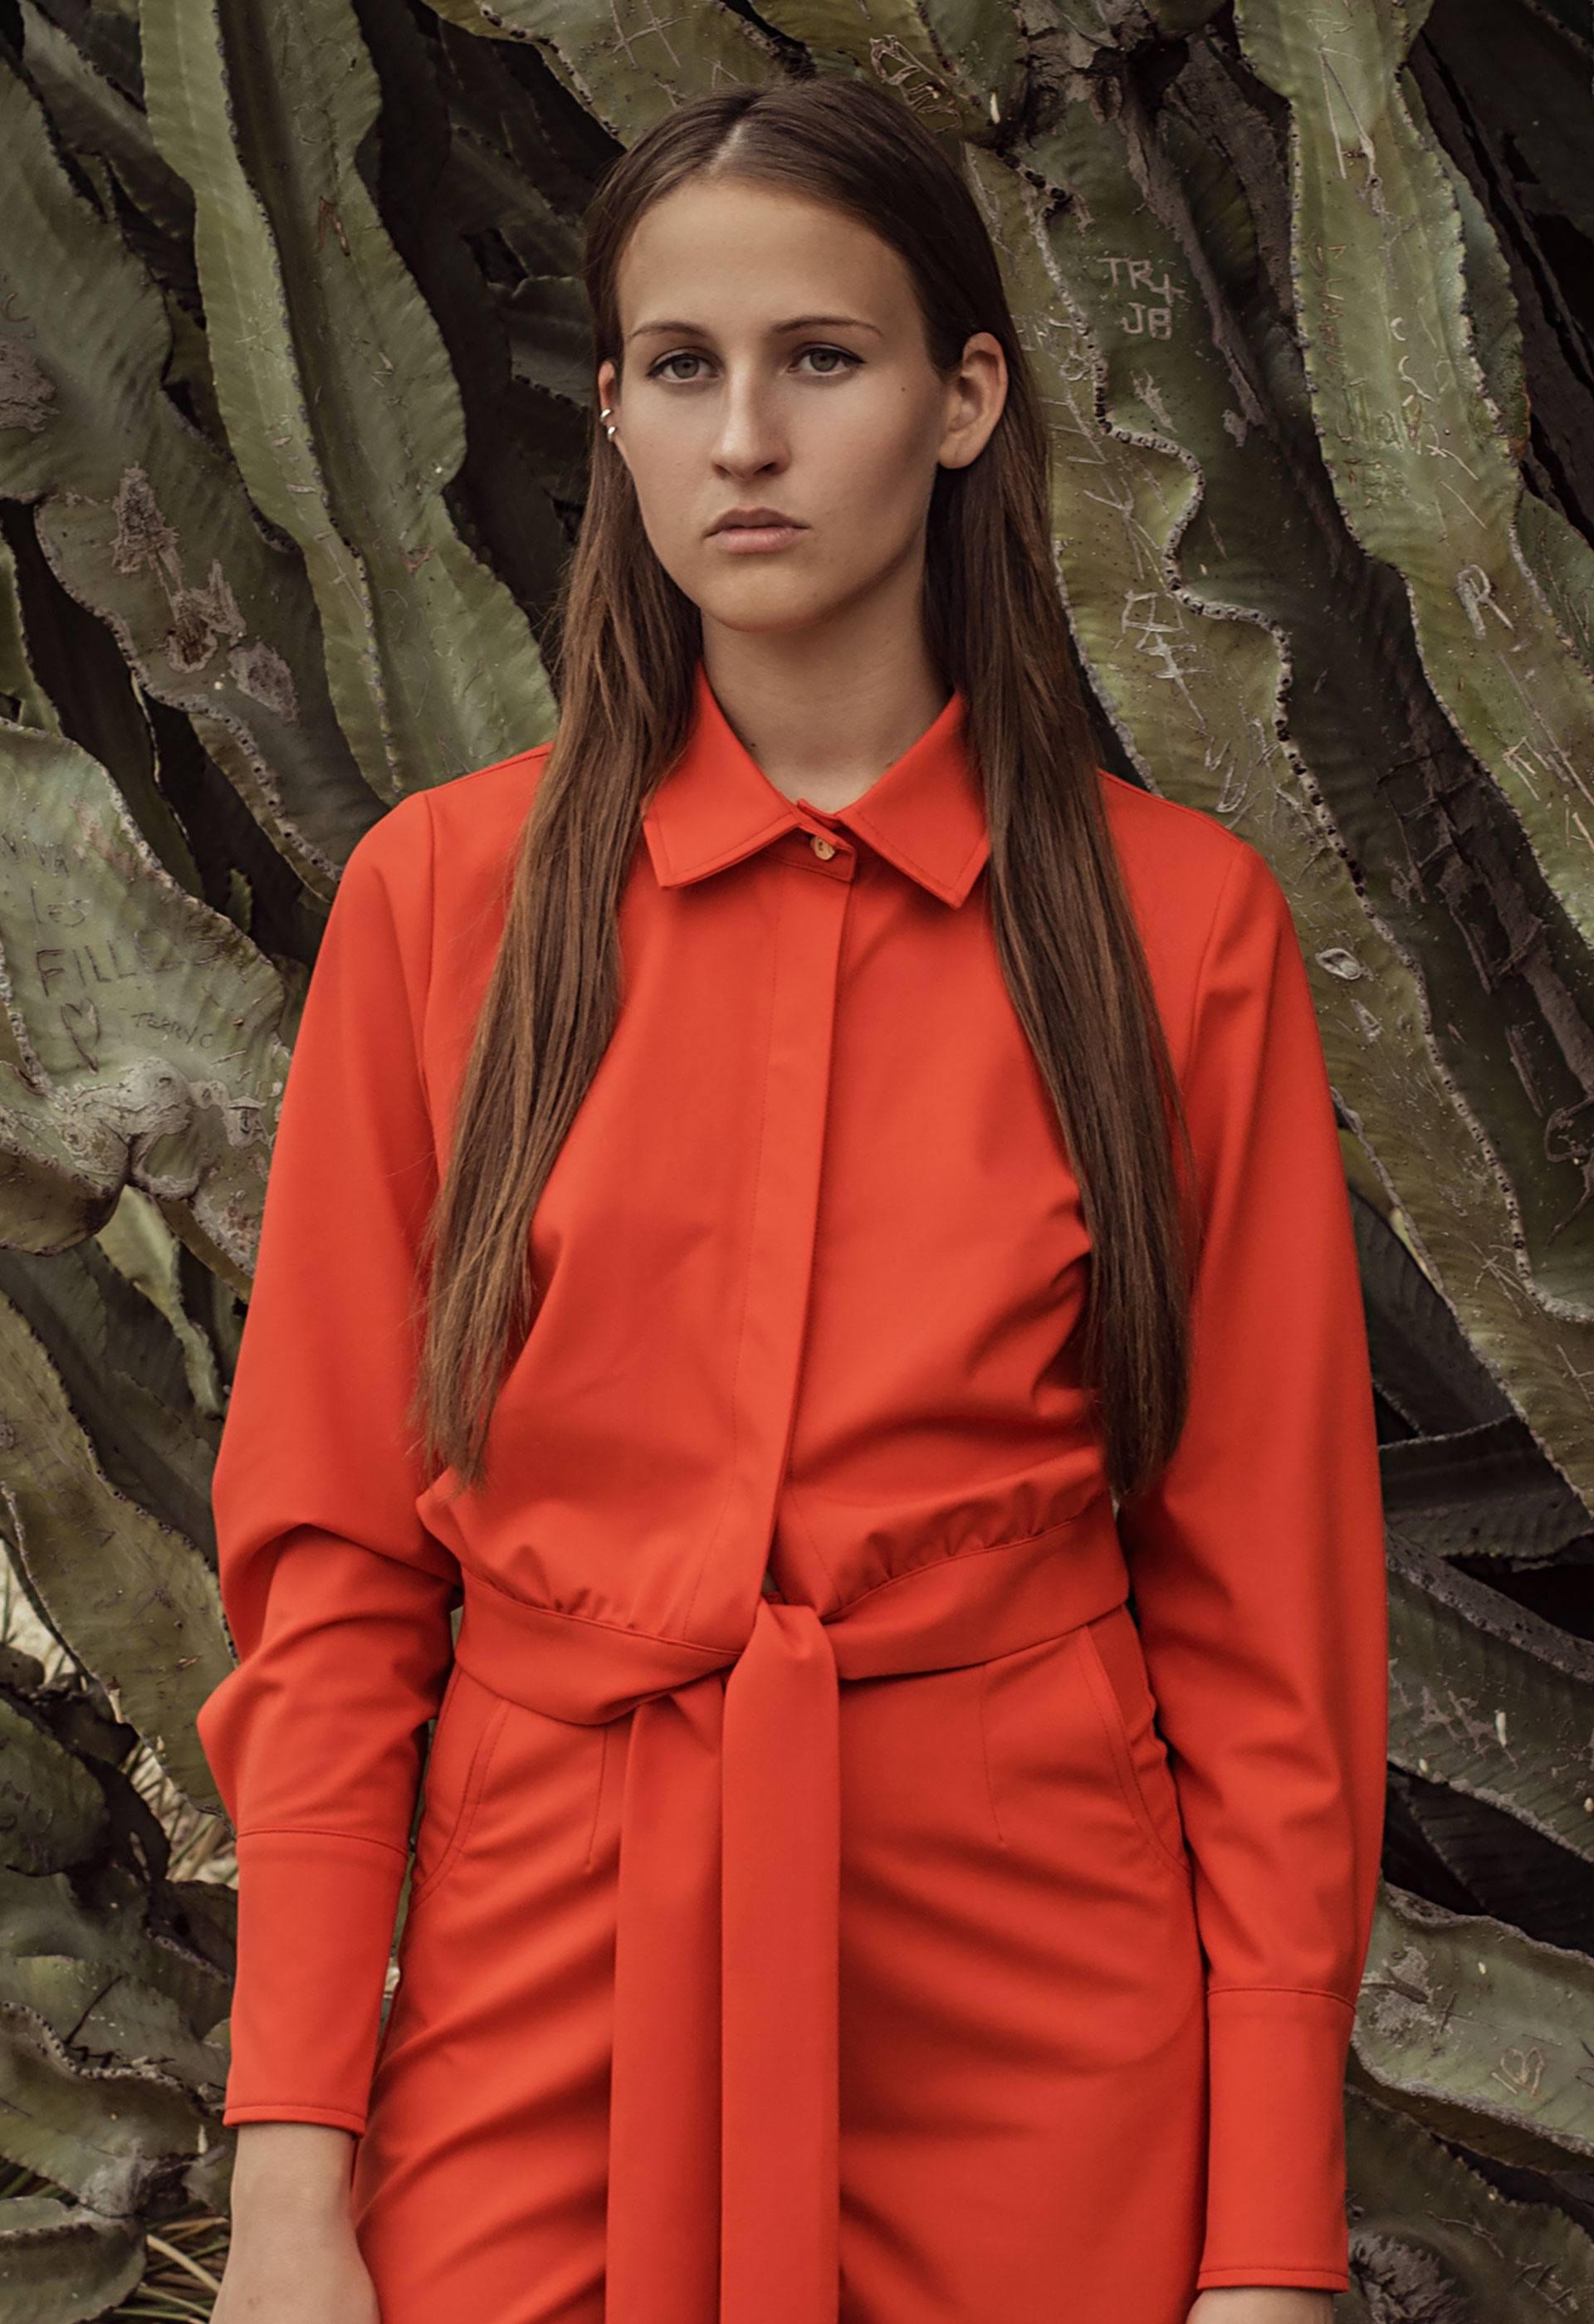 Camisa naranja de manga larga IO DREAMS